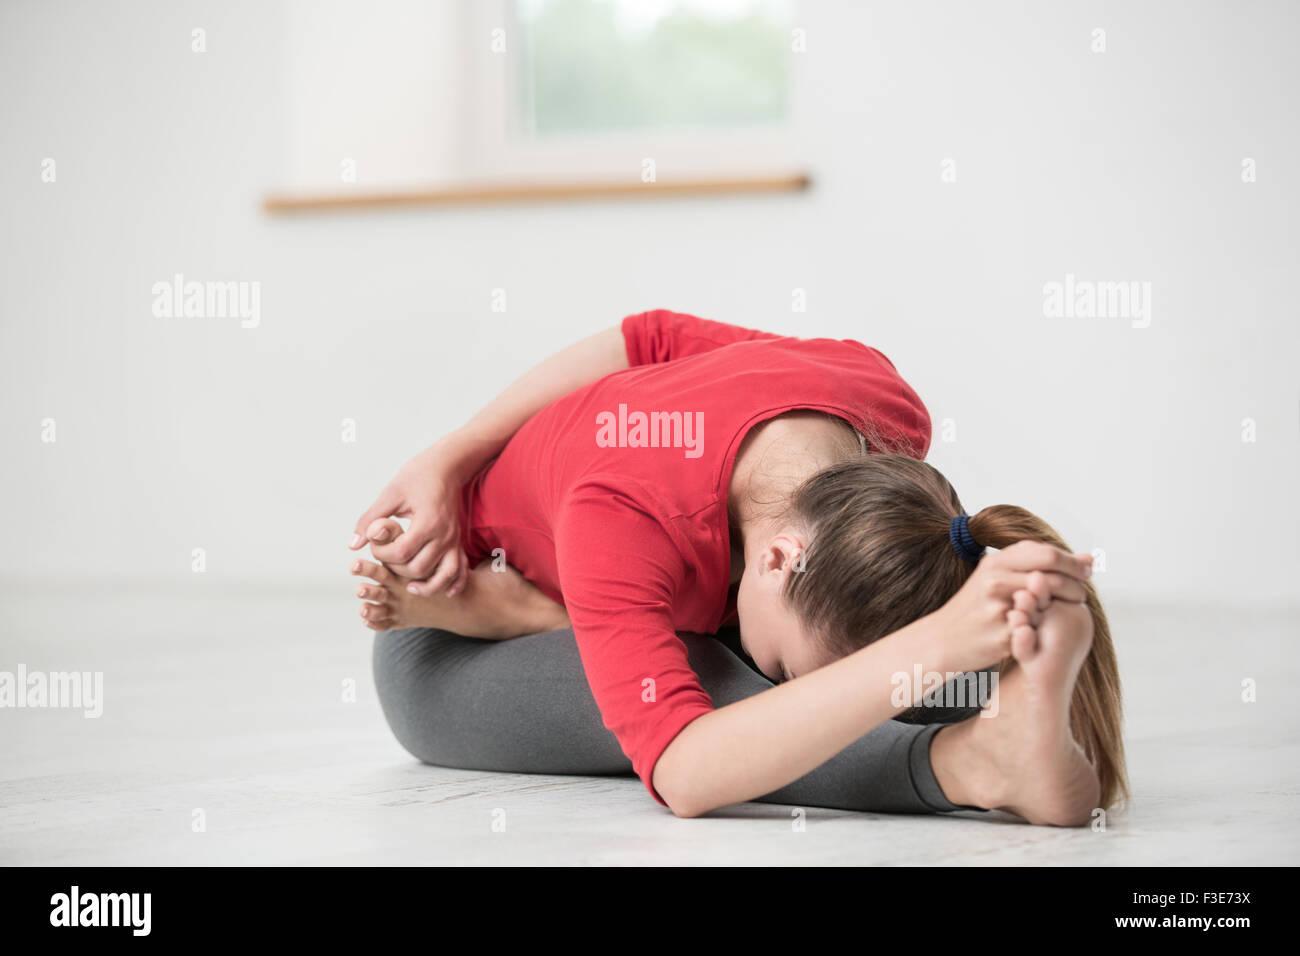 Porträt einer jungen Frau tun stretching-Übungen im Fitness-Studio Stockbild